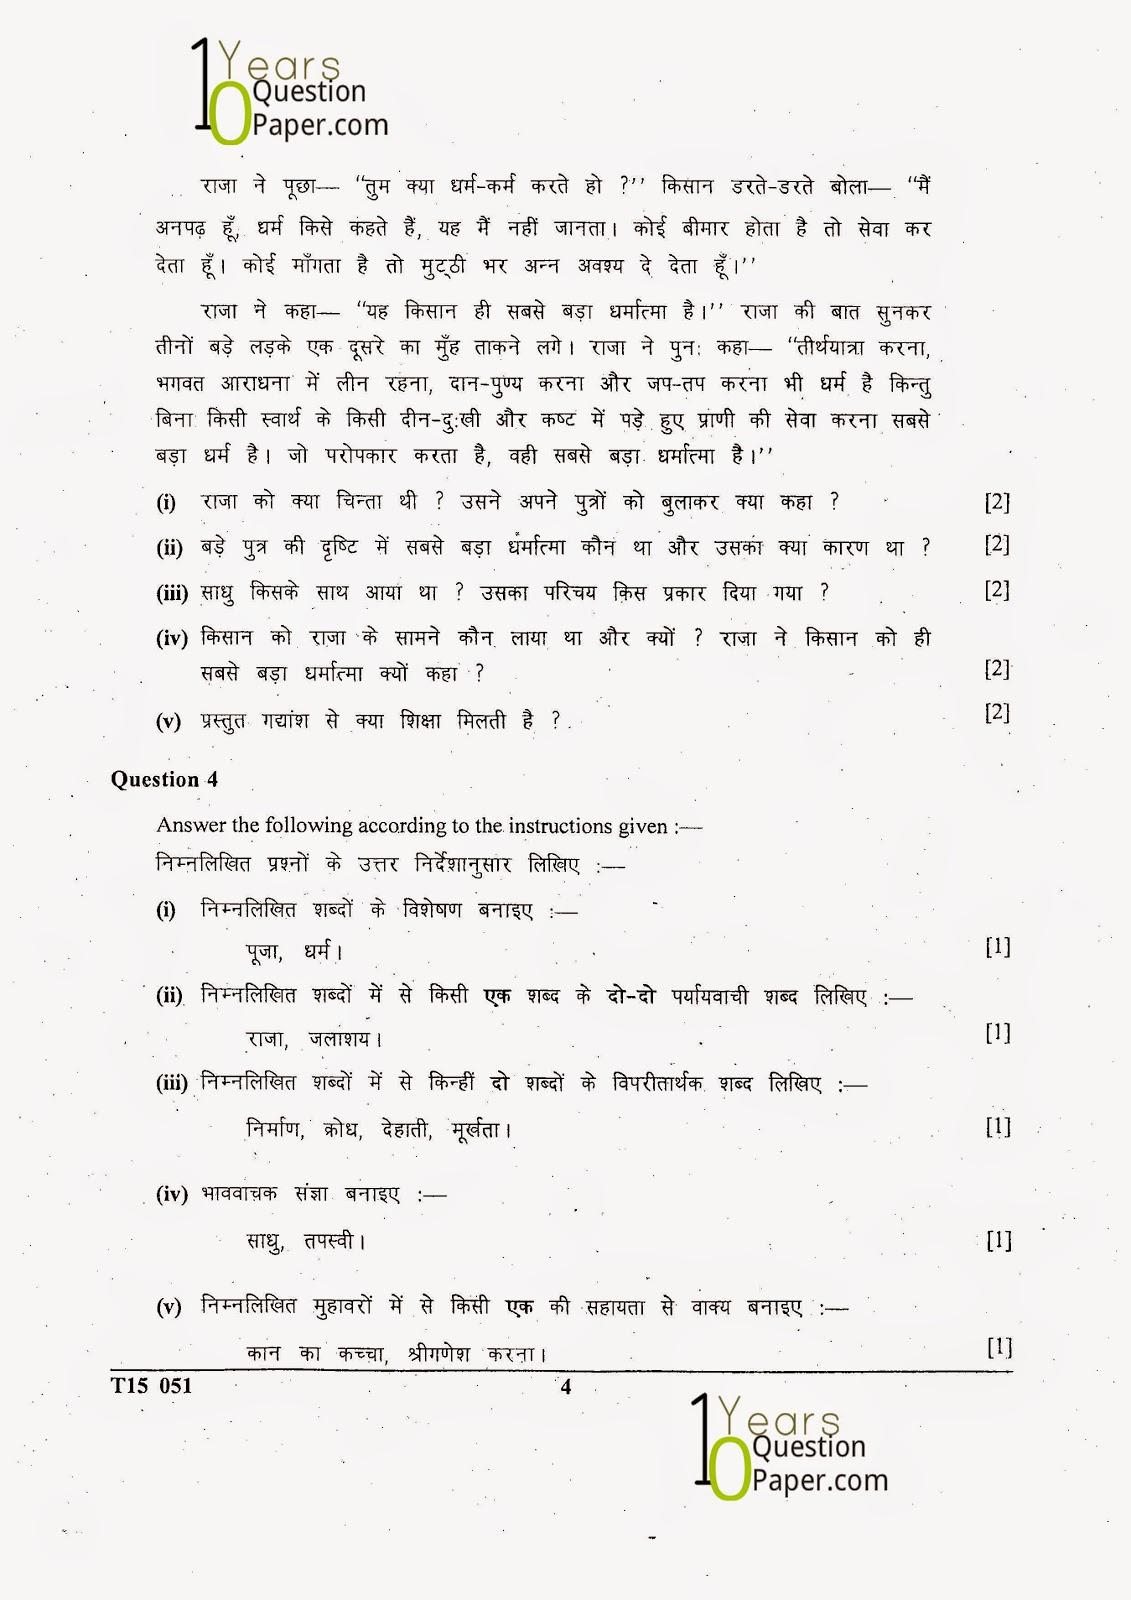 English Comprehension Worksheets Hindi Handwriting Worksheets For - Free Printable Hindi Comprehension Worksheets For Grade 3